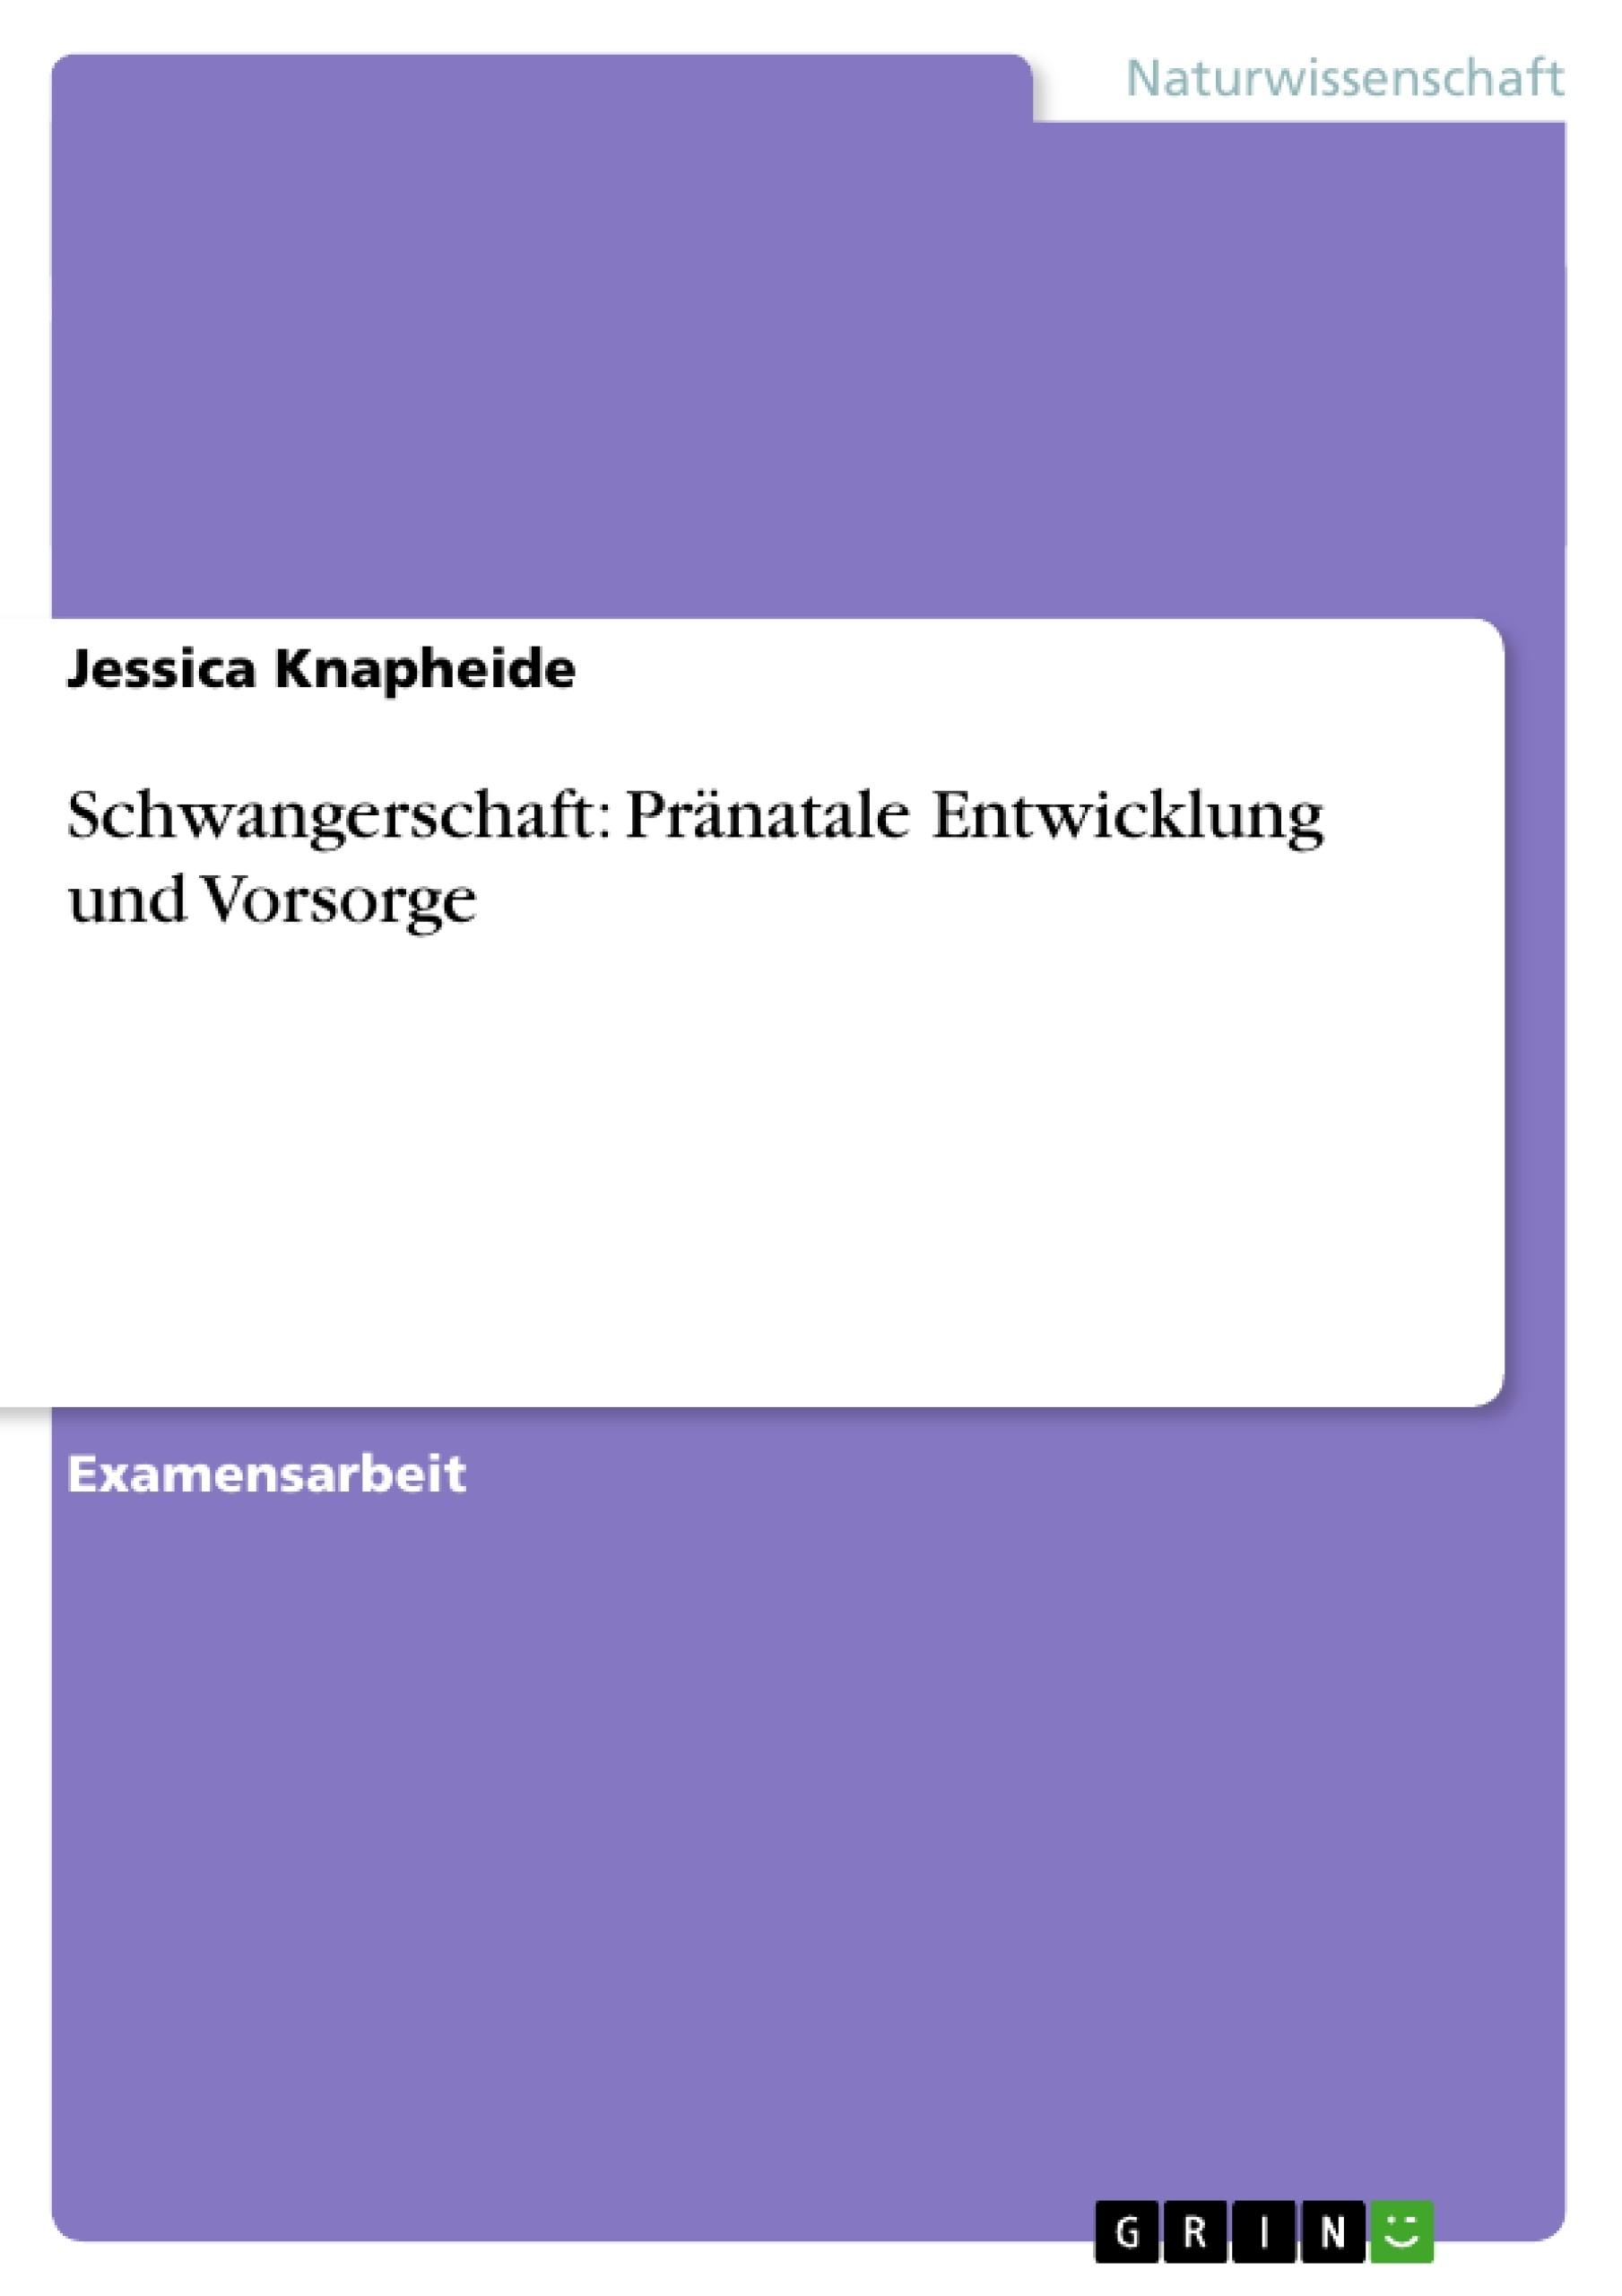 Titel: Schwangerschaft: Pränatale Entwicklung und Vorsorge